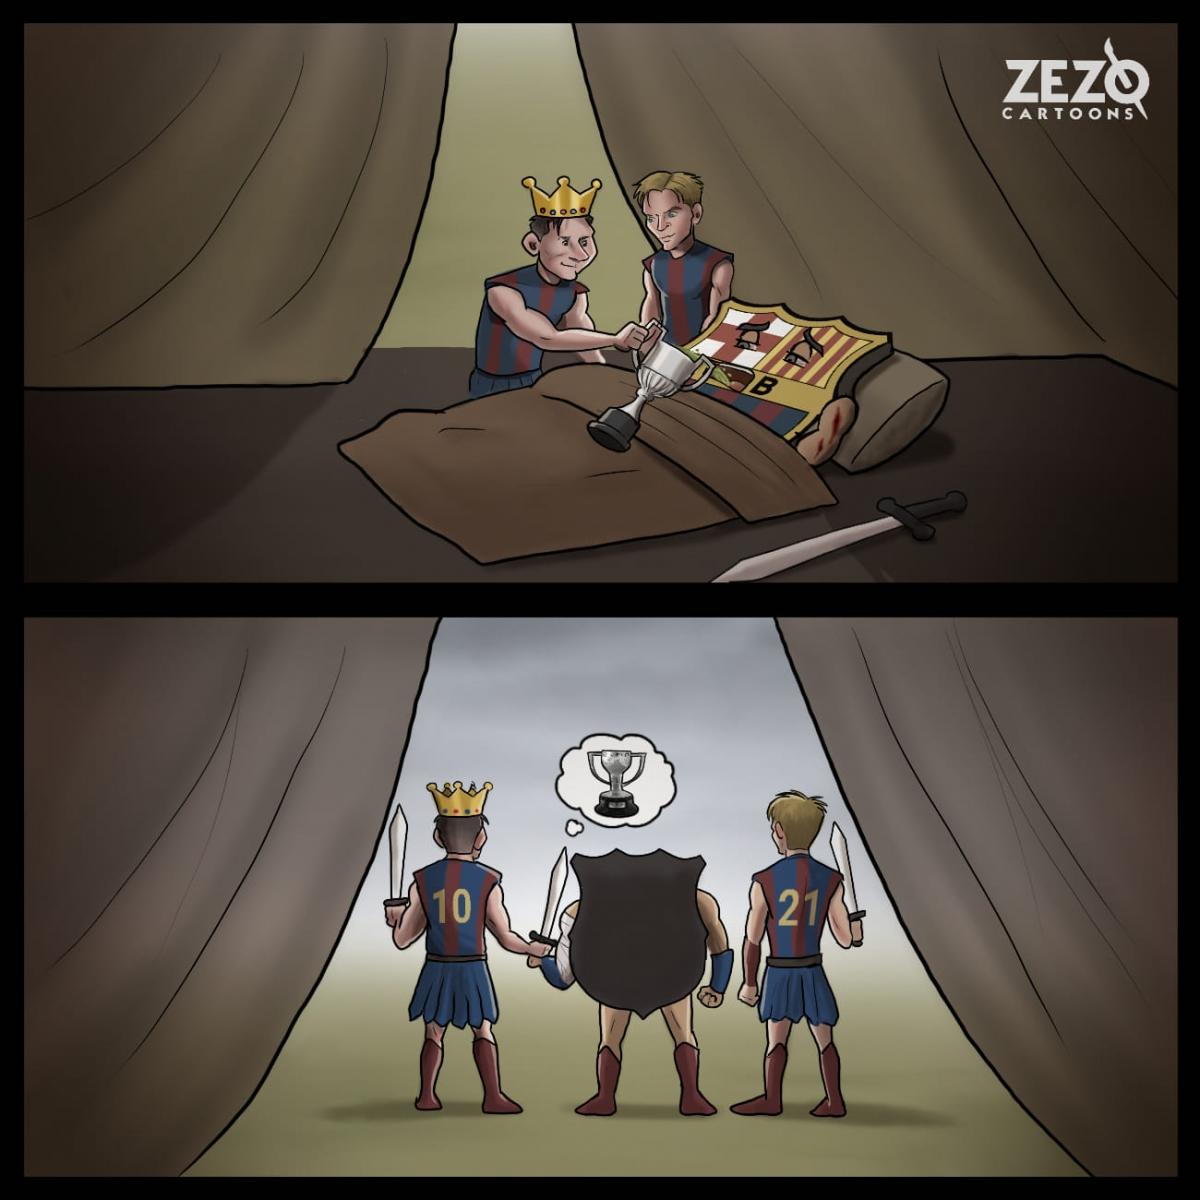 Messi giúp Barca vô địch Cúp nhà Vua sau khi bị loại khỏi Champions League./.